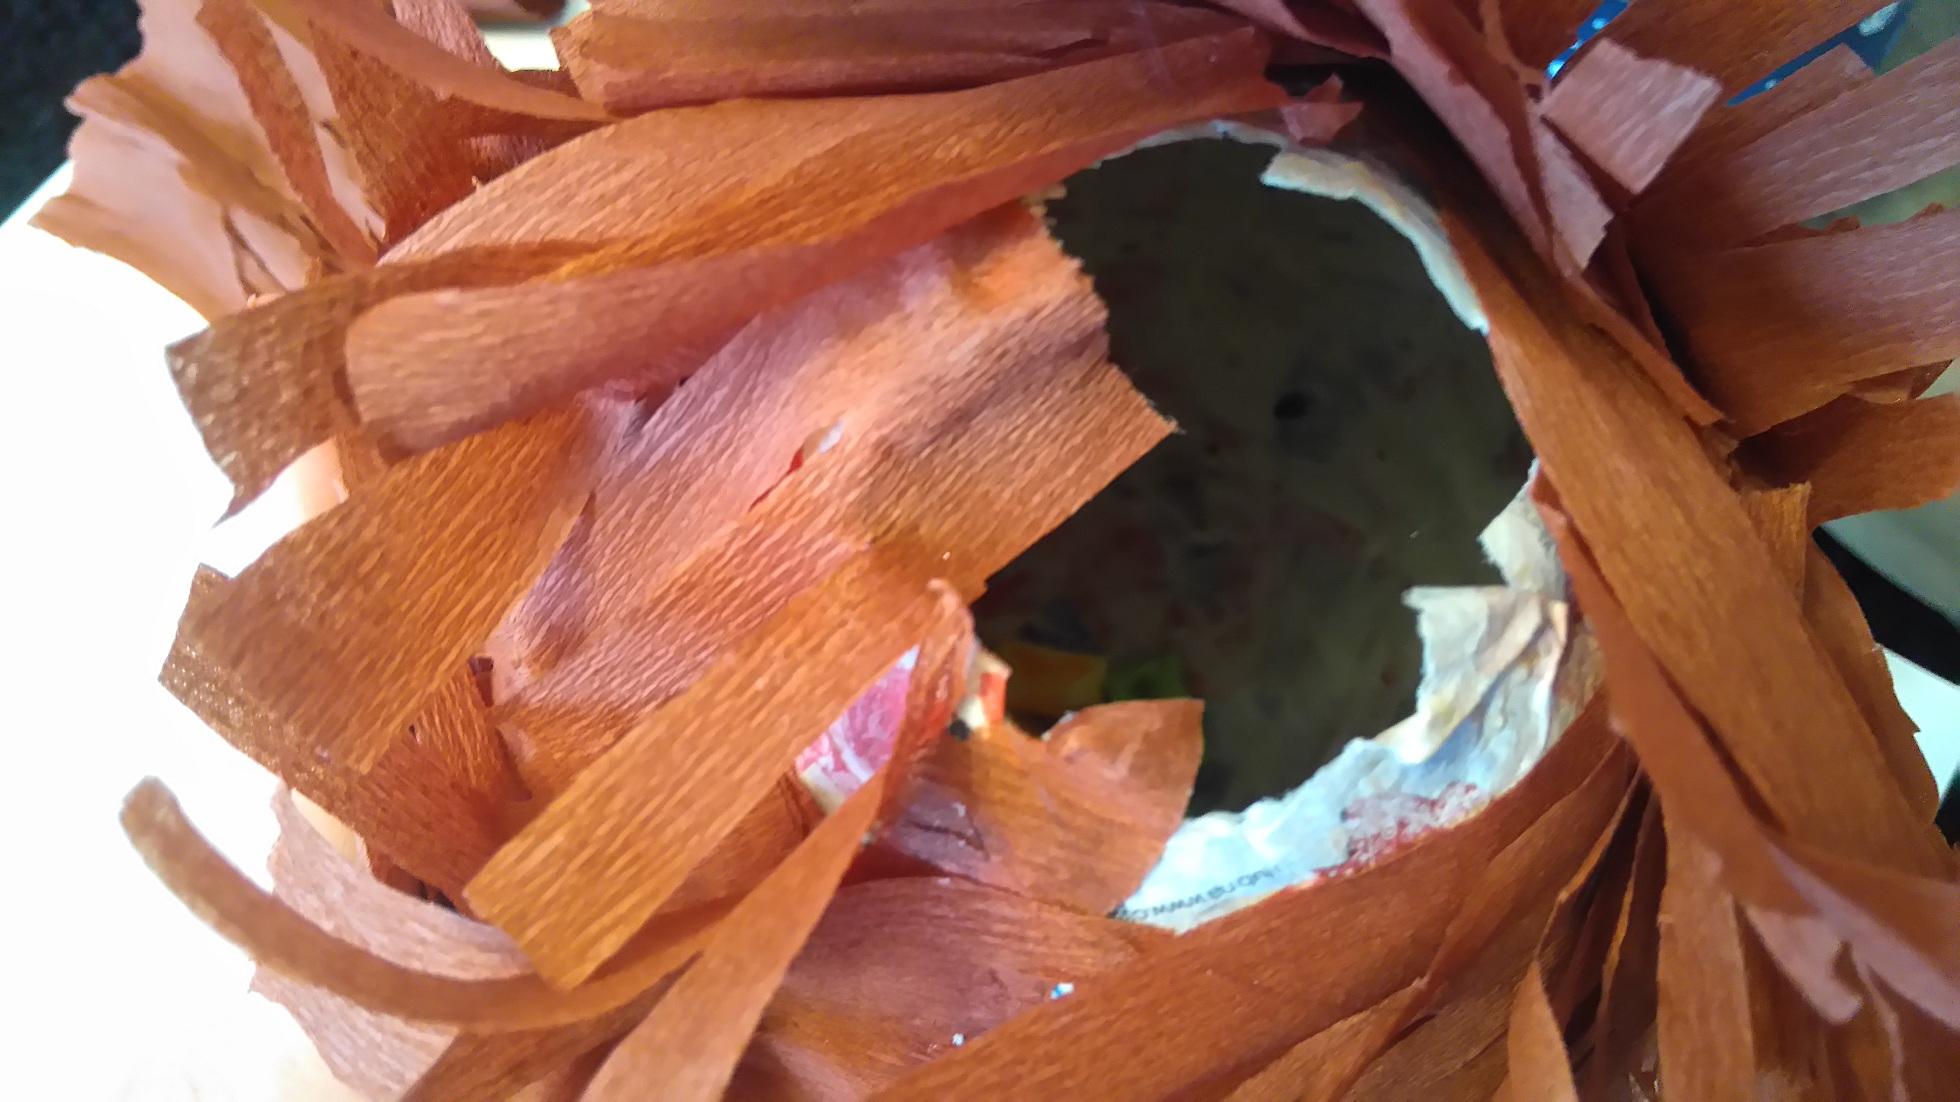 otwór w piniacie, którym wrzuca się słodycze do środka